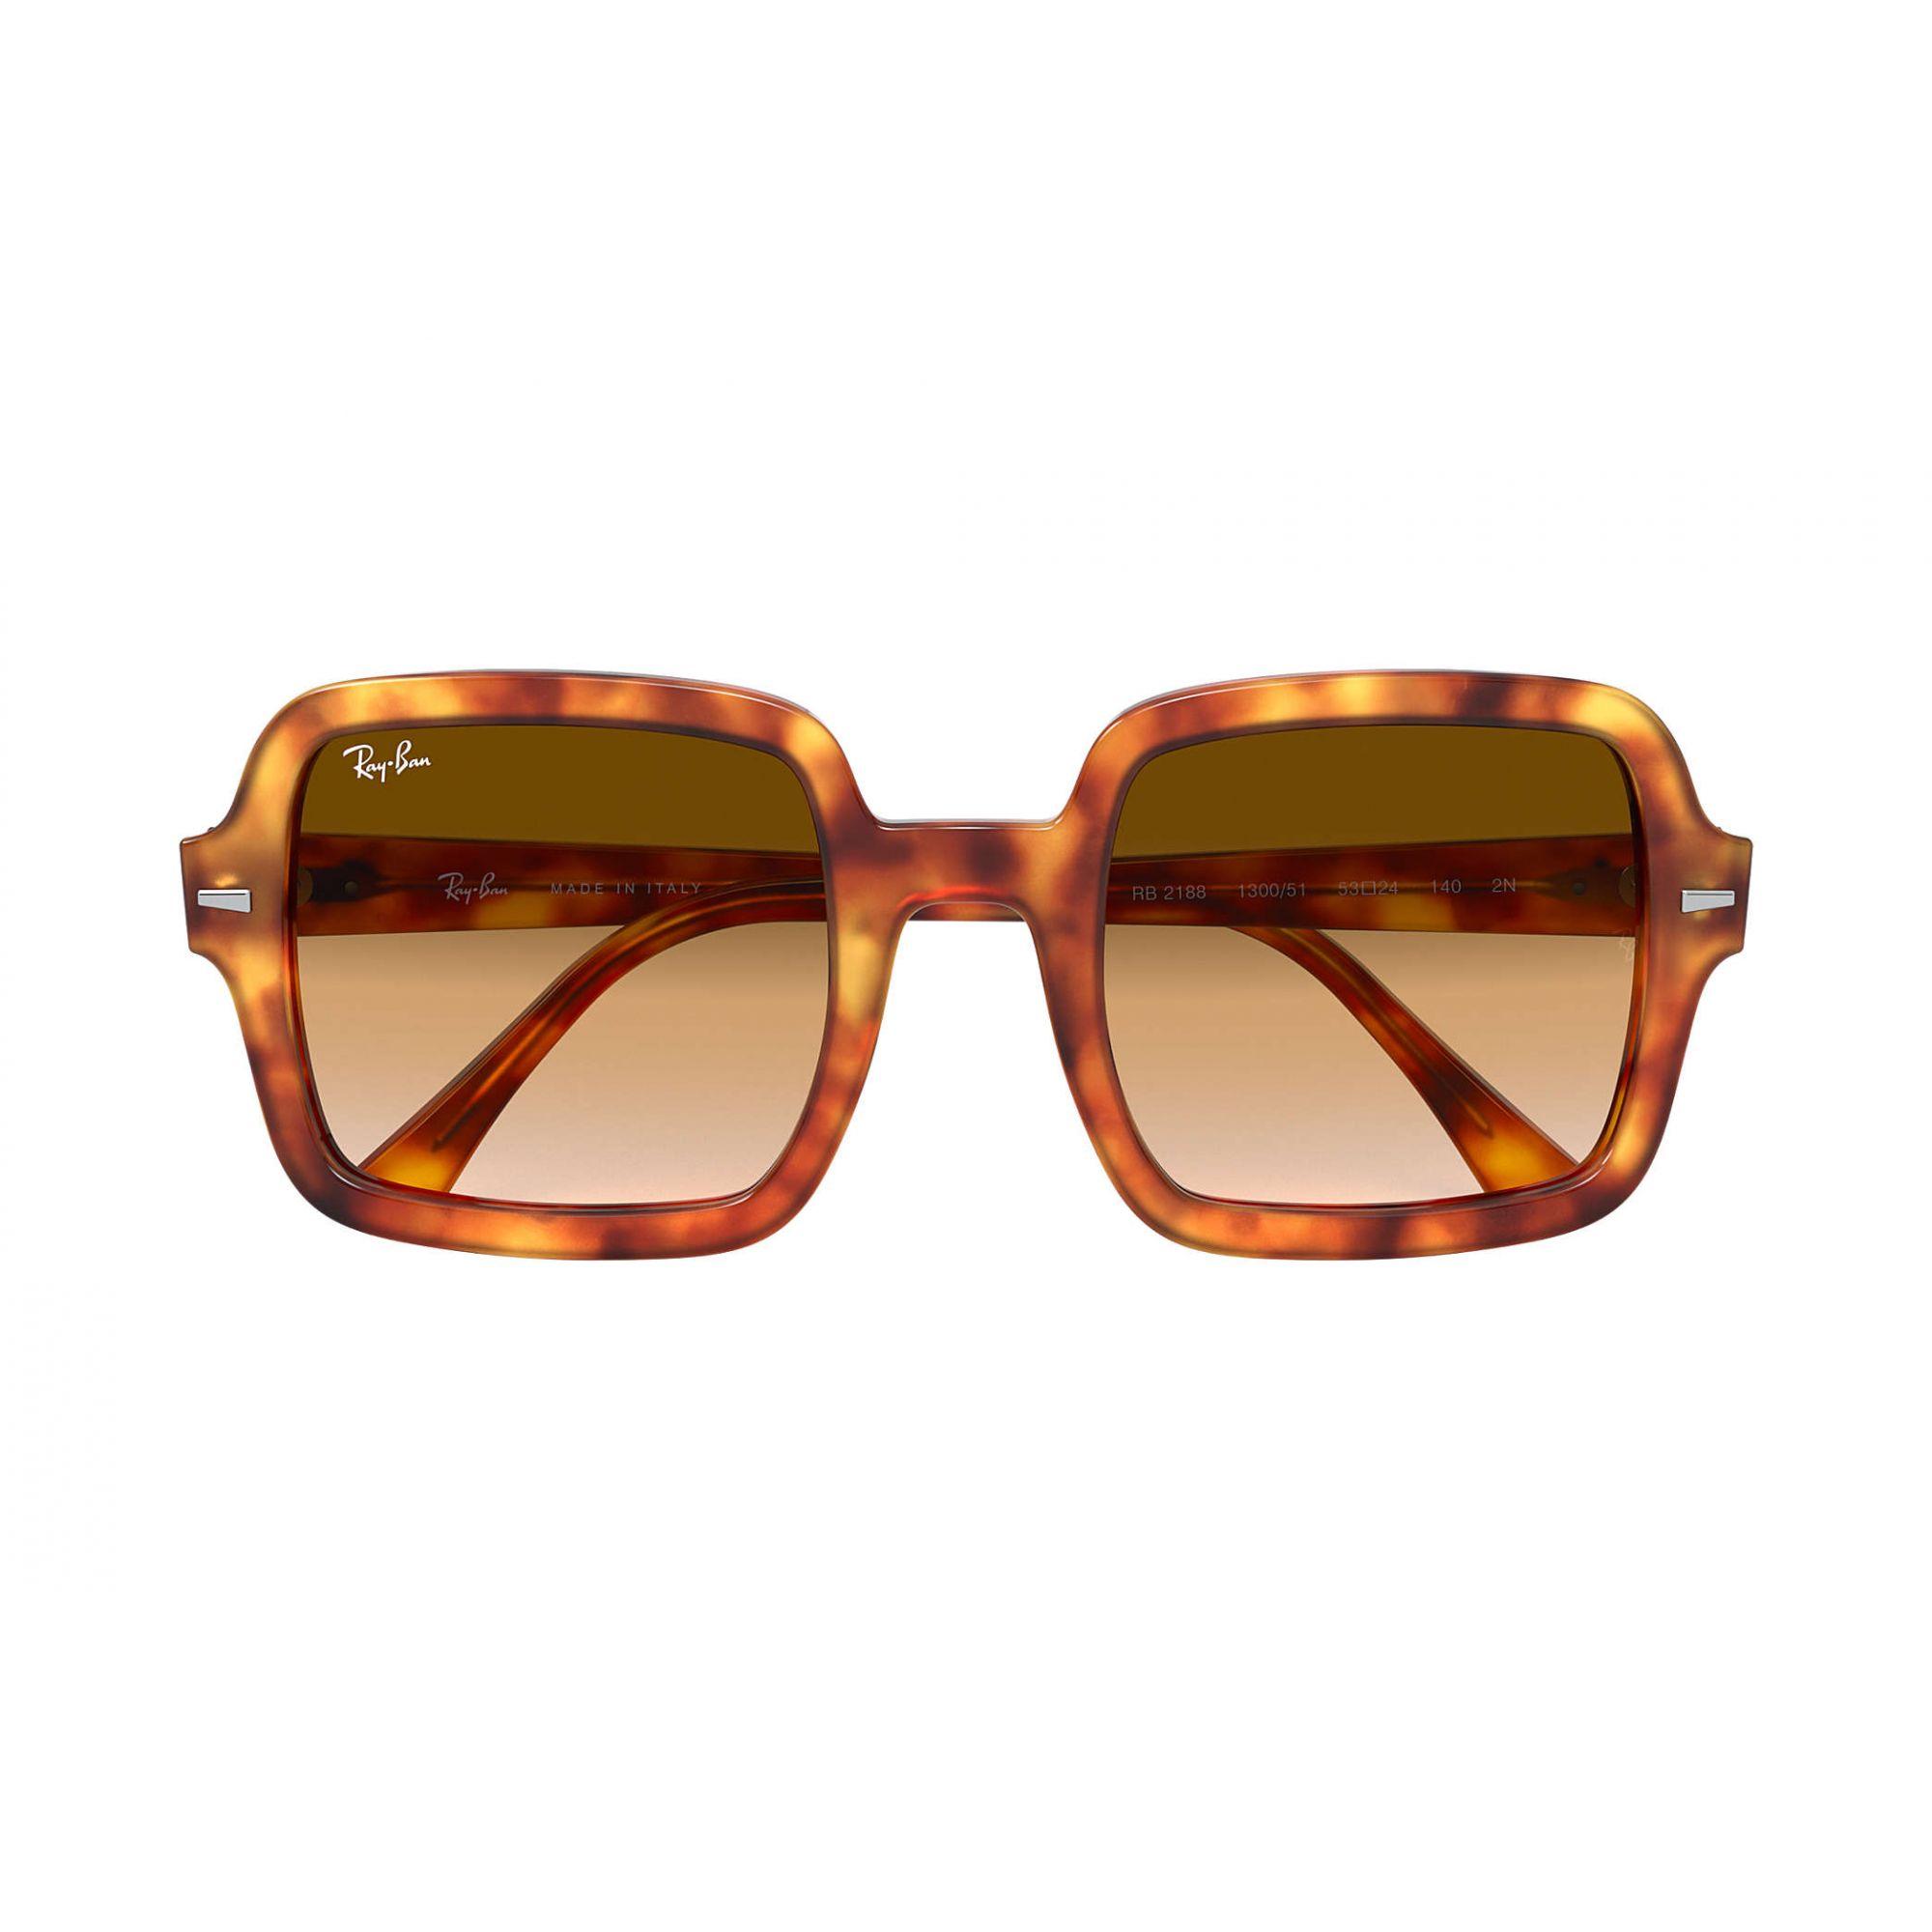 Ray Ban - RB2188 130051 - Óculos de sol